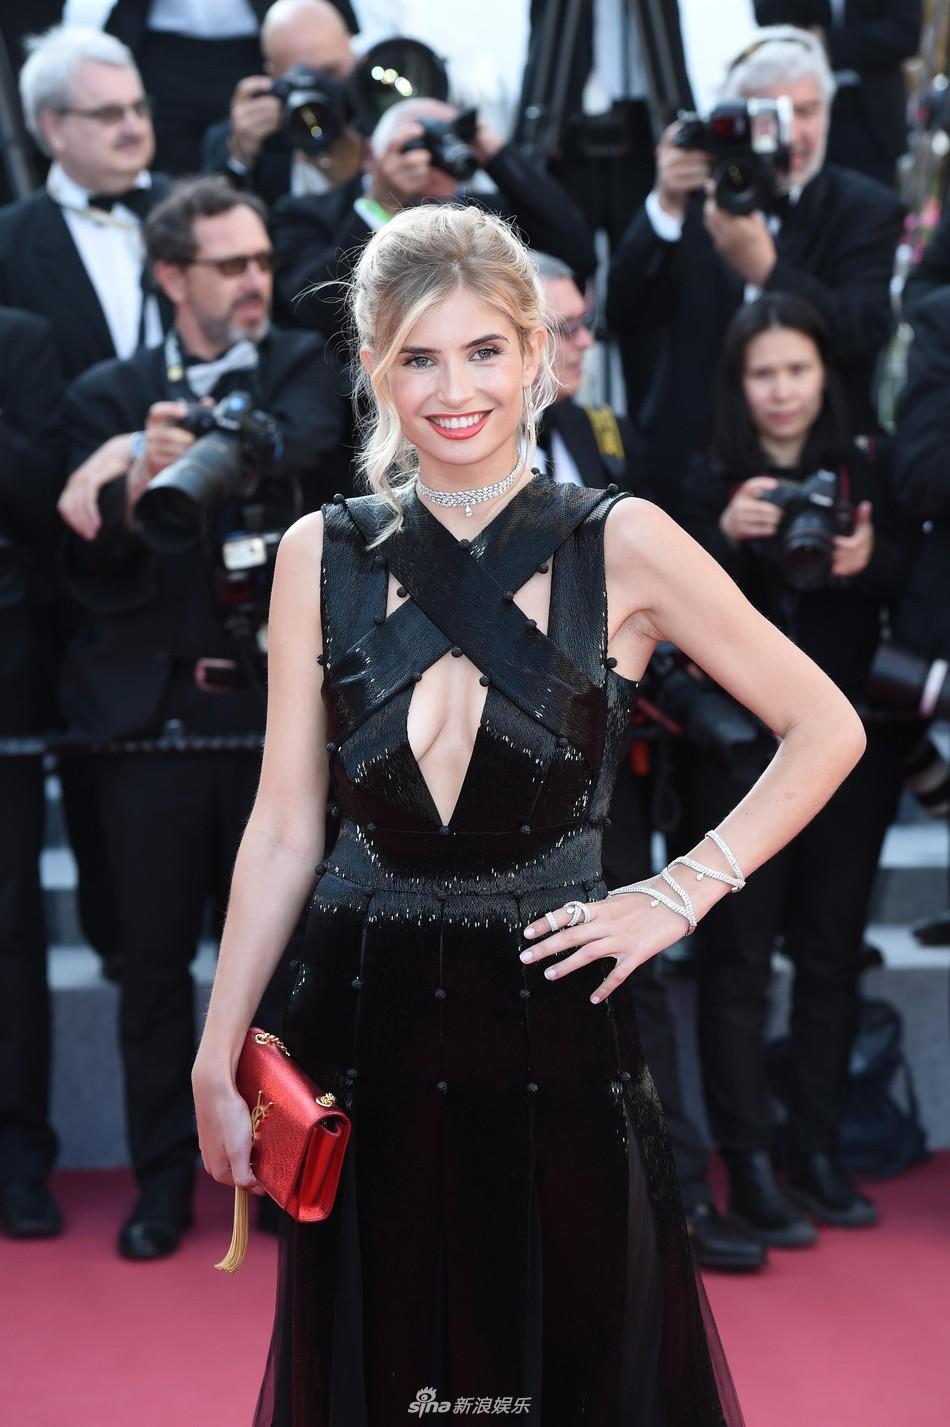 Thảm đỏ Cannes: Đây mới chính là nữ hoàng Phạm Băng Băng mà tất cả cùng mong chờ! - Ảnh 24.